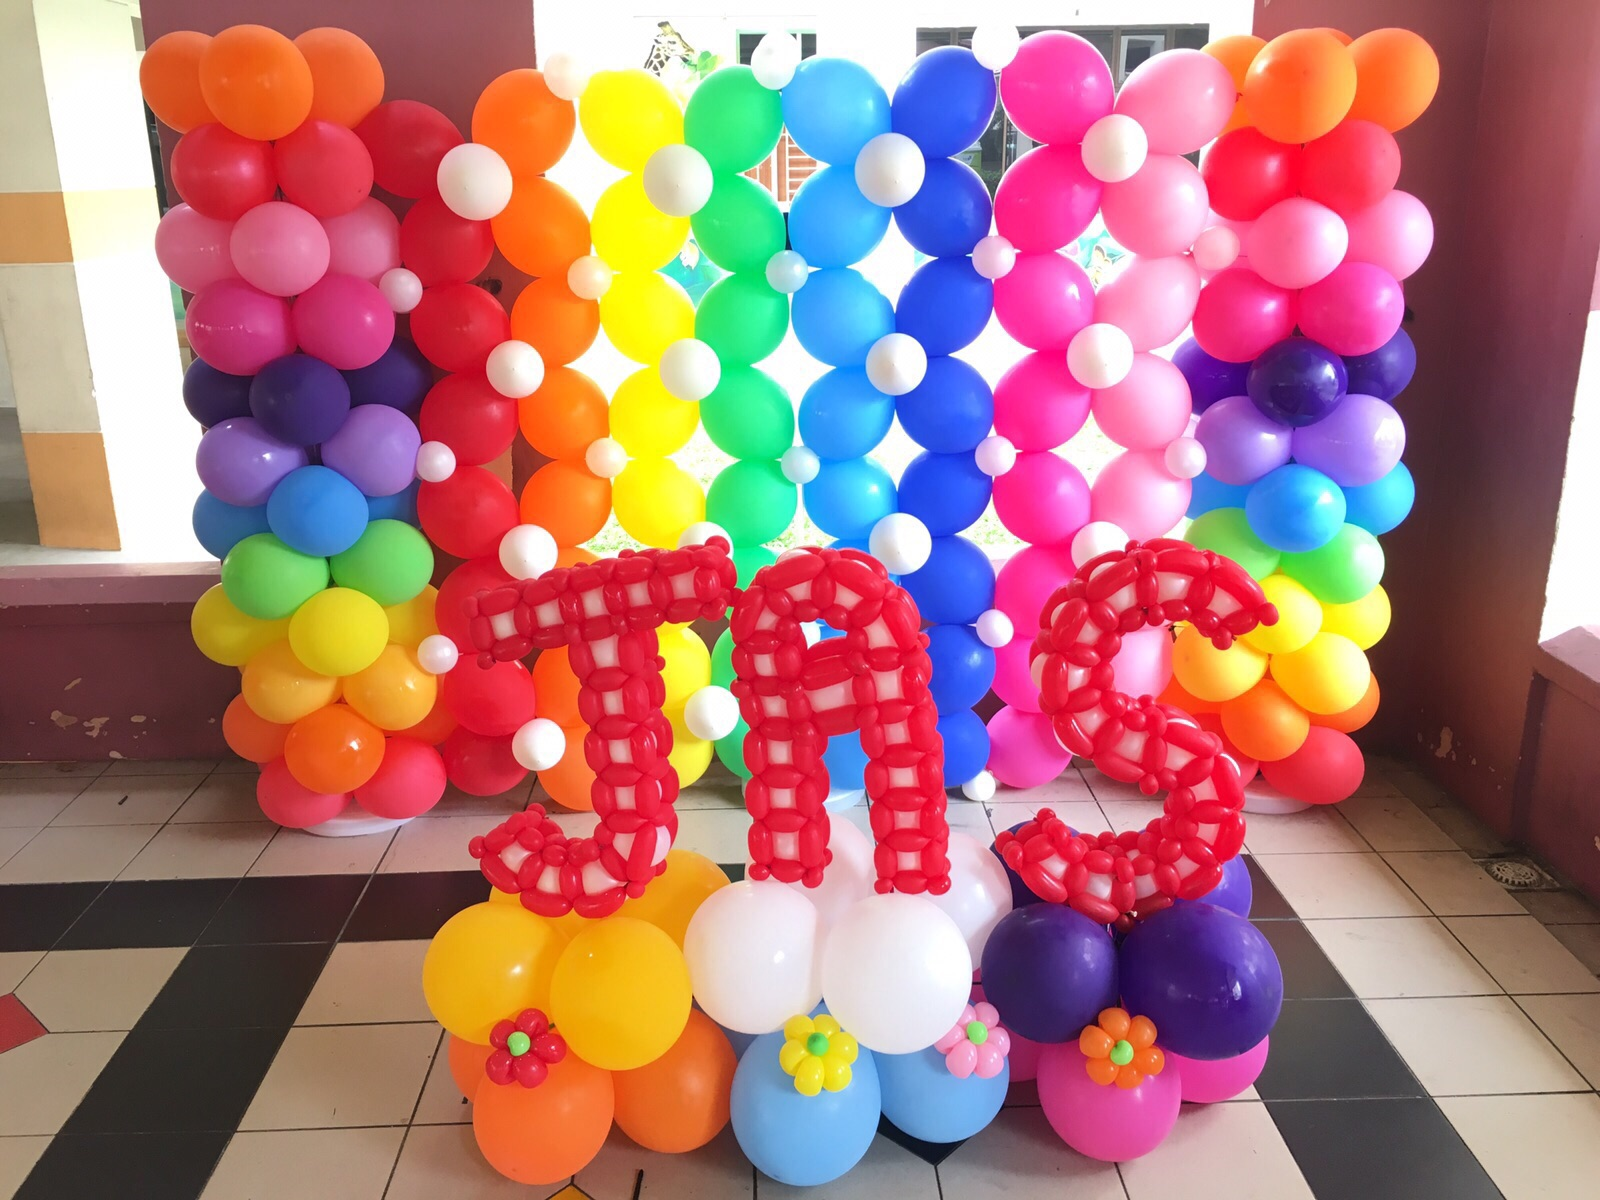 Rainbow Balloon Decorations That Balloons